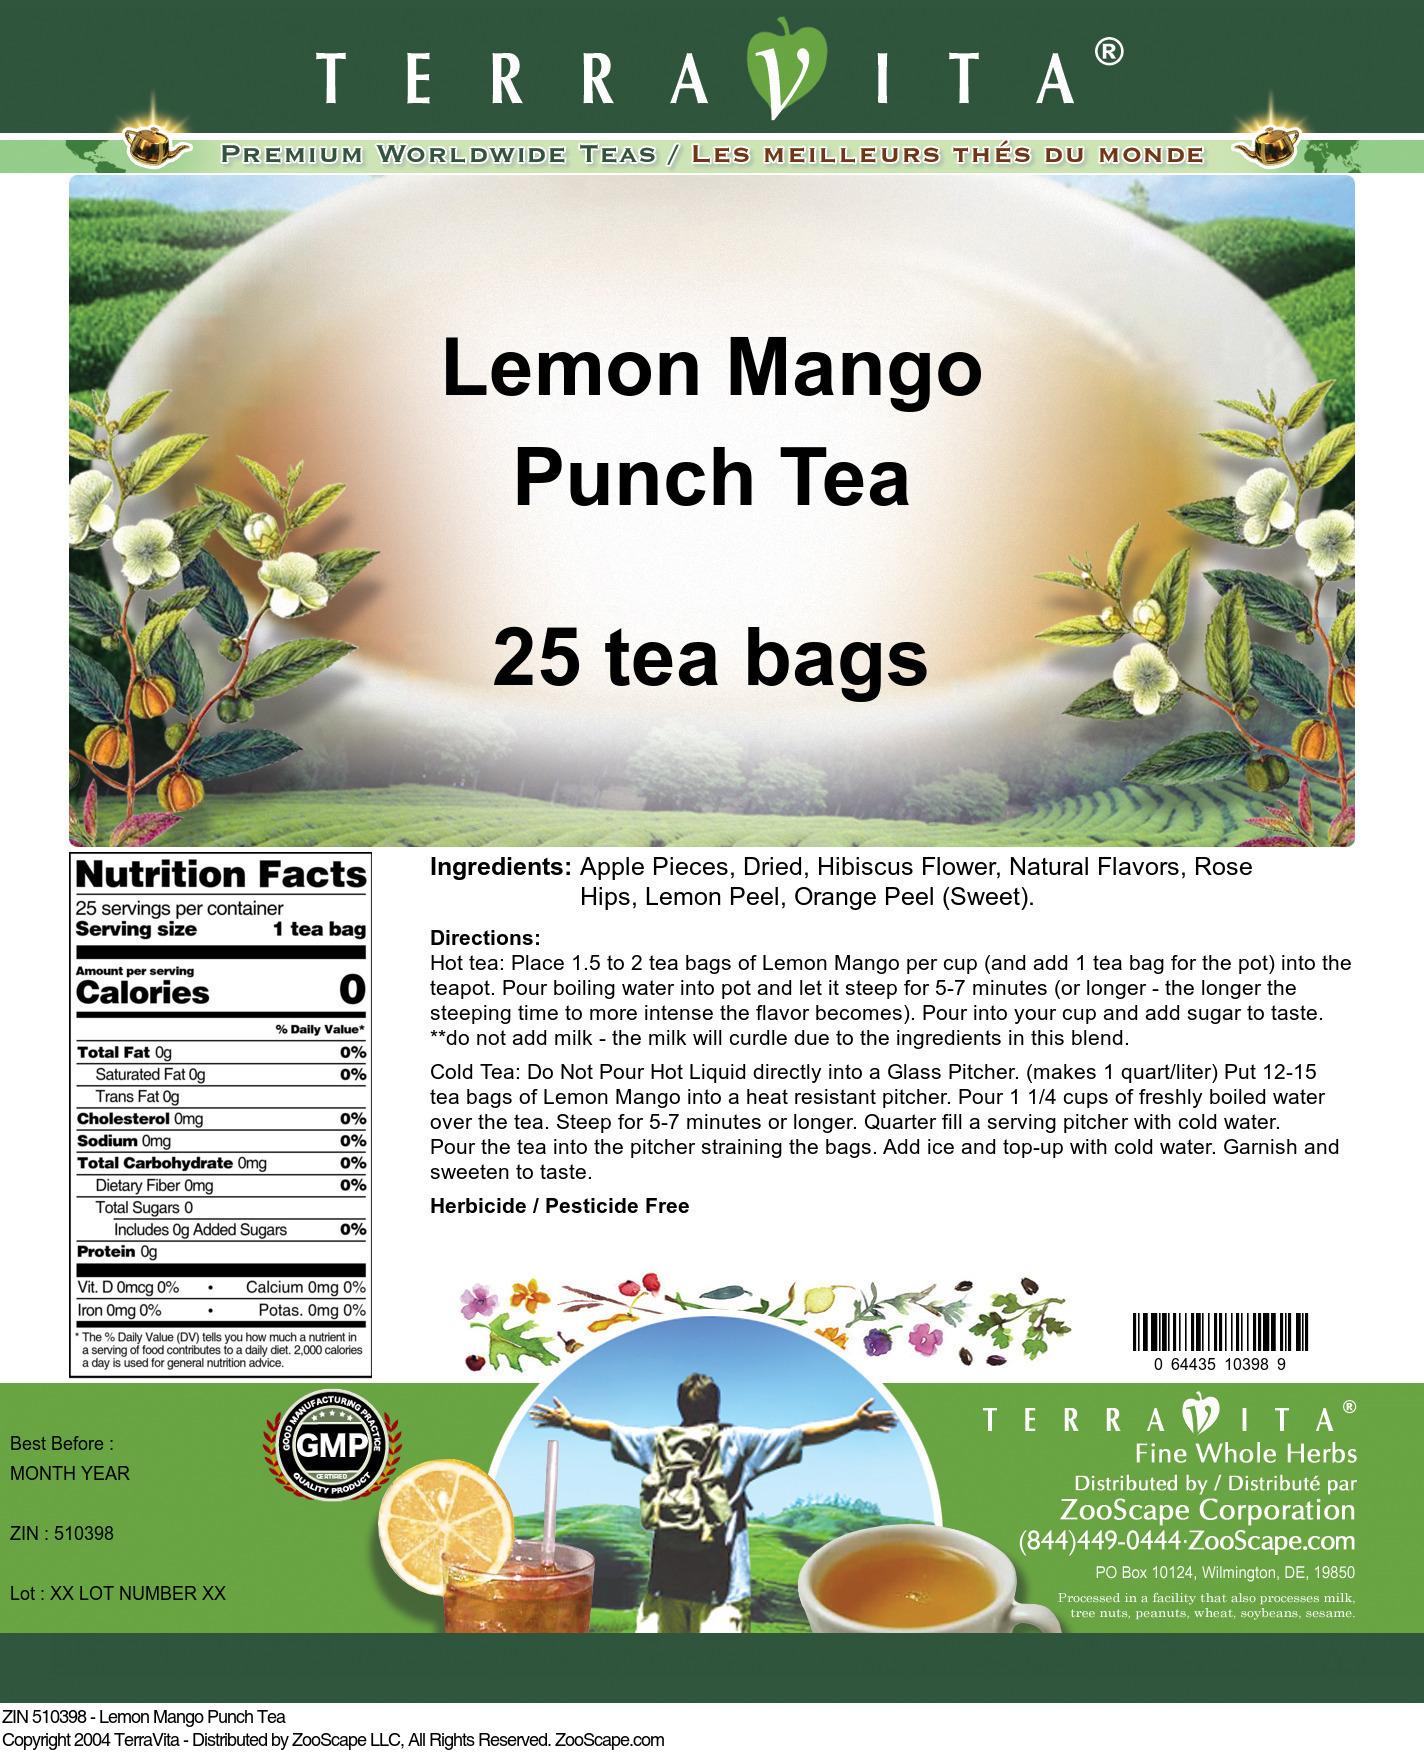 Lemon Mango Punch Tea